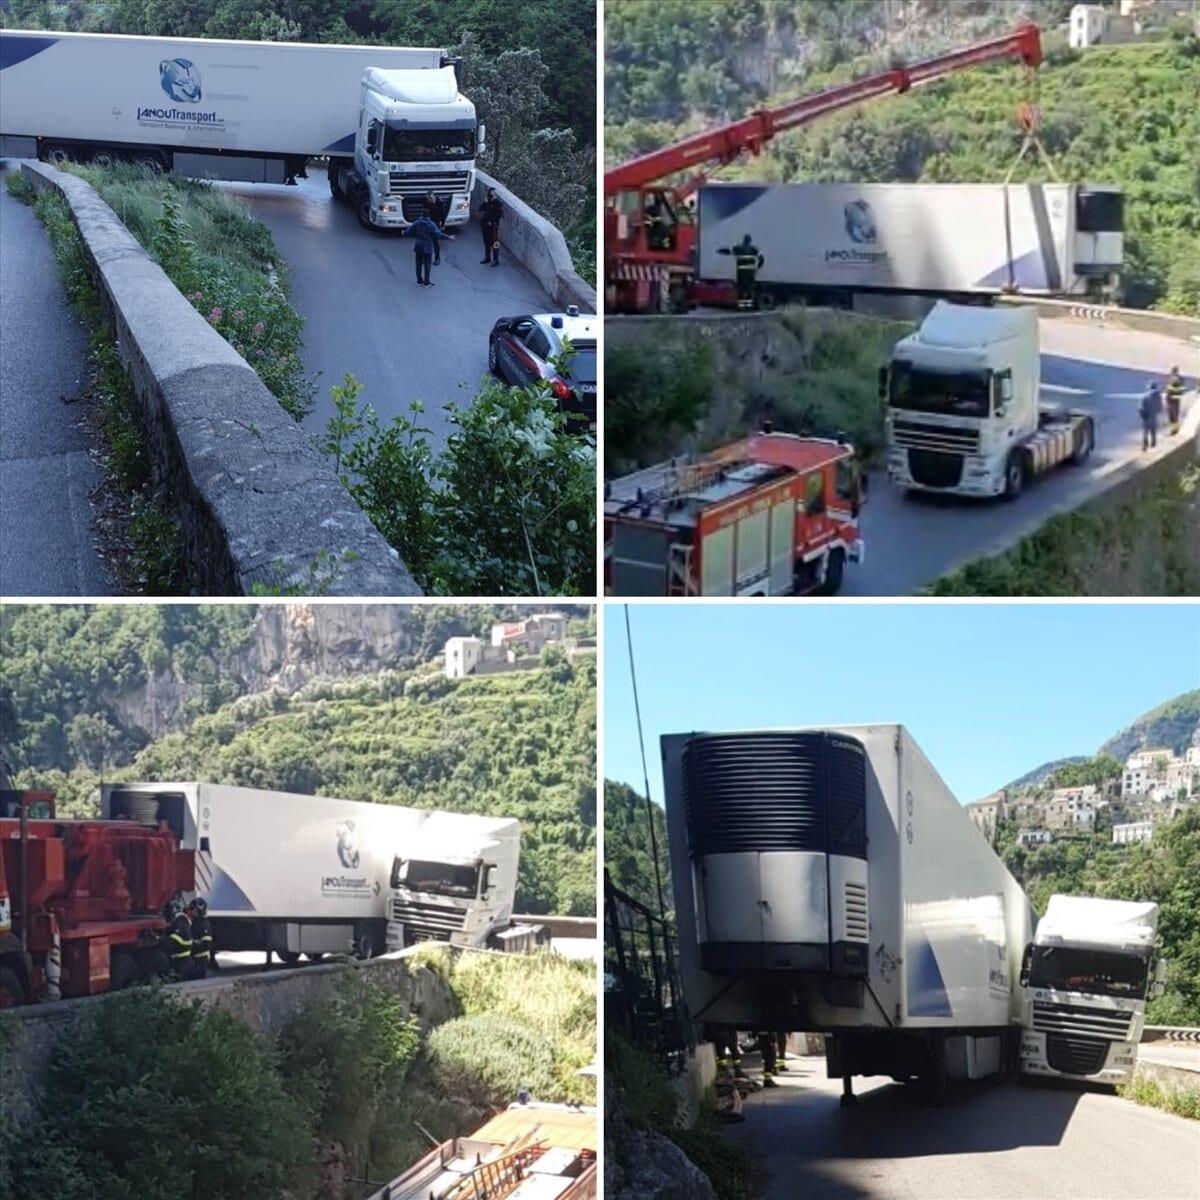 в-равелло-грузовик-парализовал движение-на-7-часов.jpg